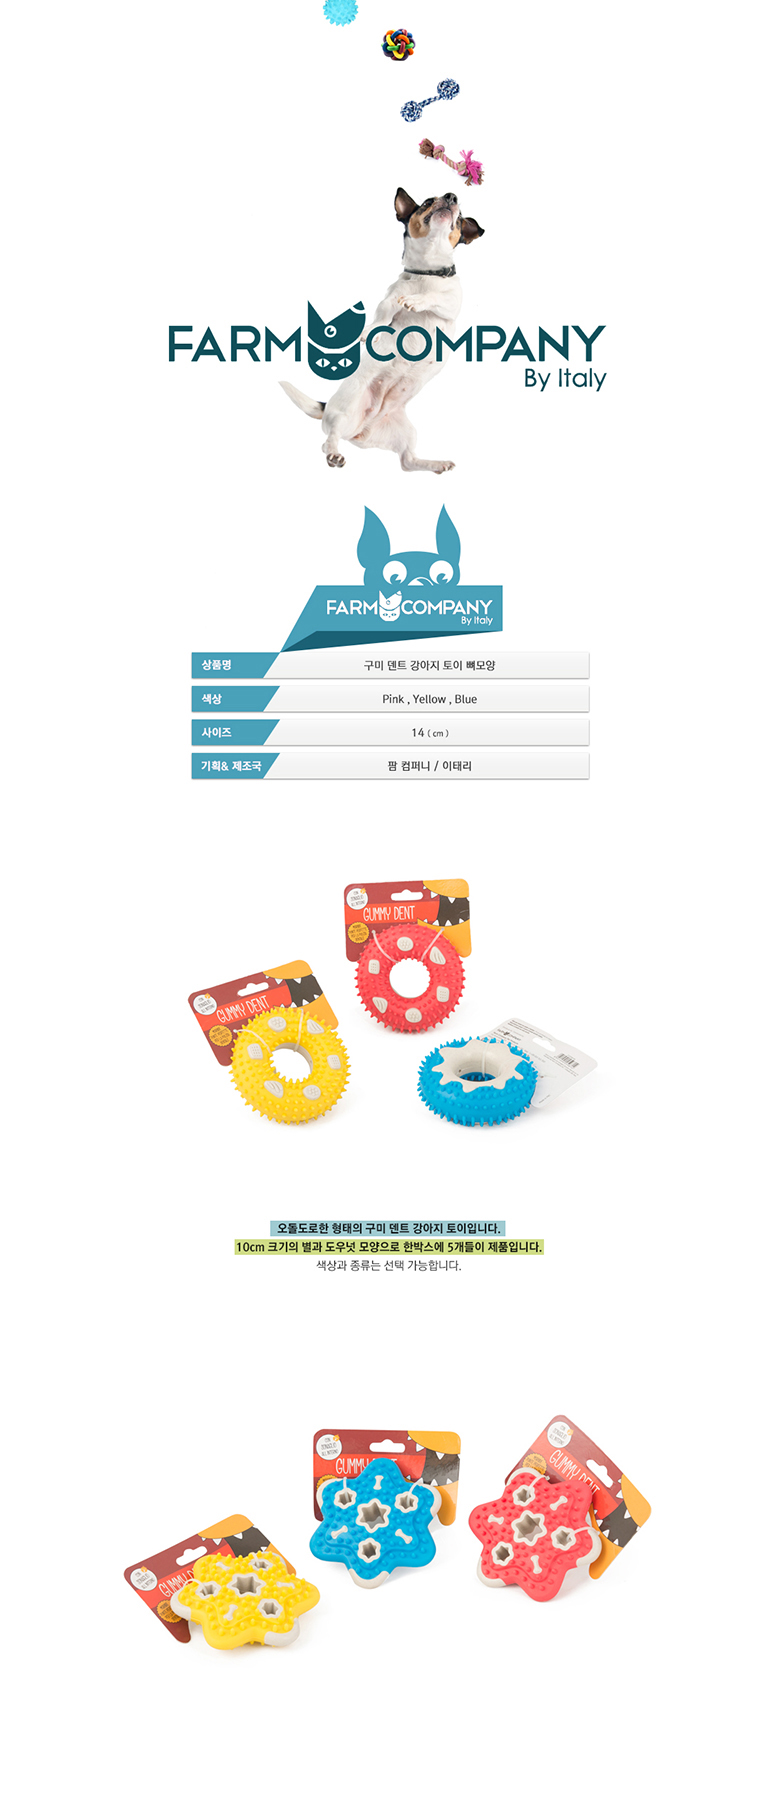 구미덴트 토이 - 오드펫, 4,500원, 장난감/훈련용품, 장난감